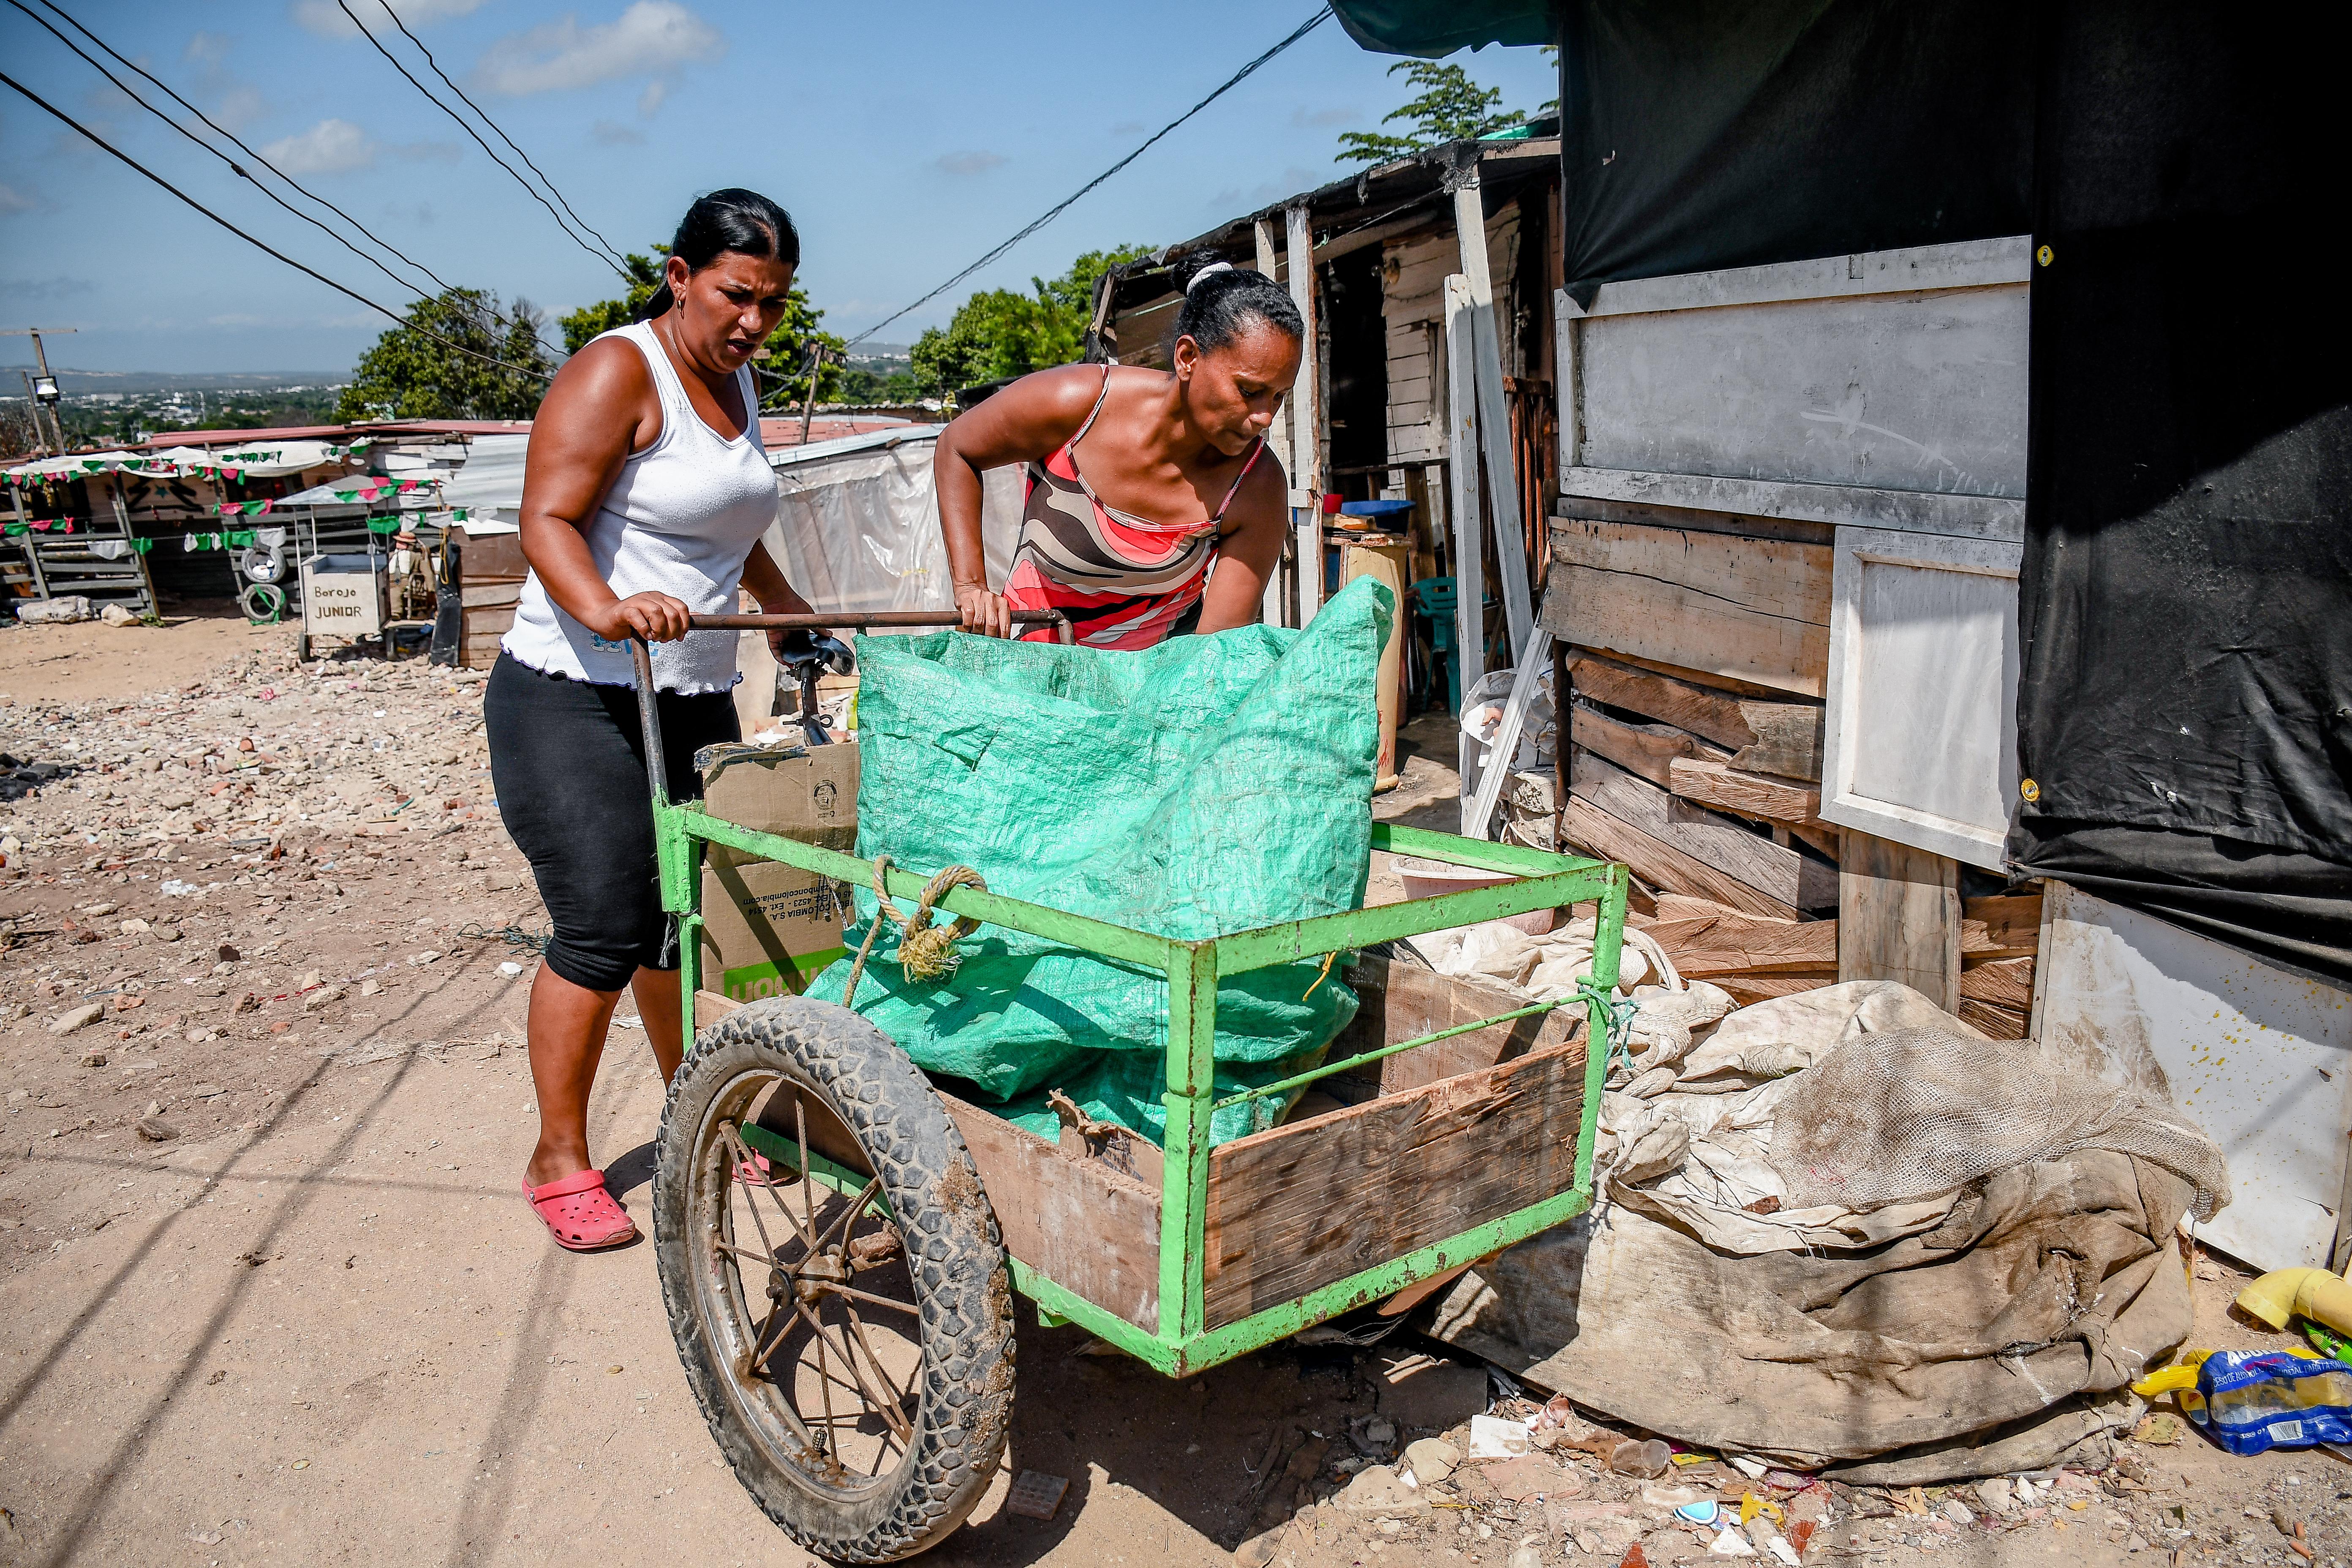 Dos mujeres de este sector maniobran uno de los coches de madera en los que reciclan todas las noches.